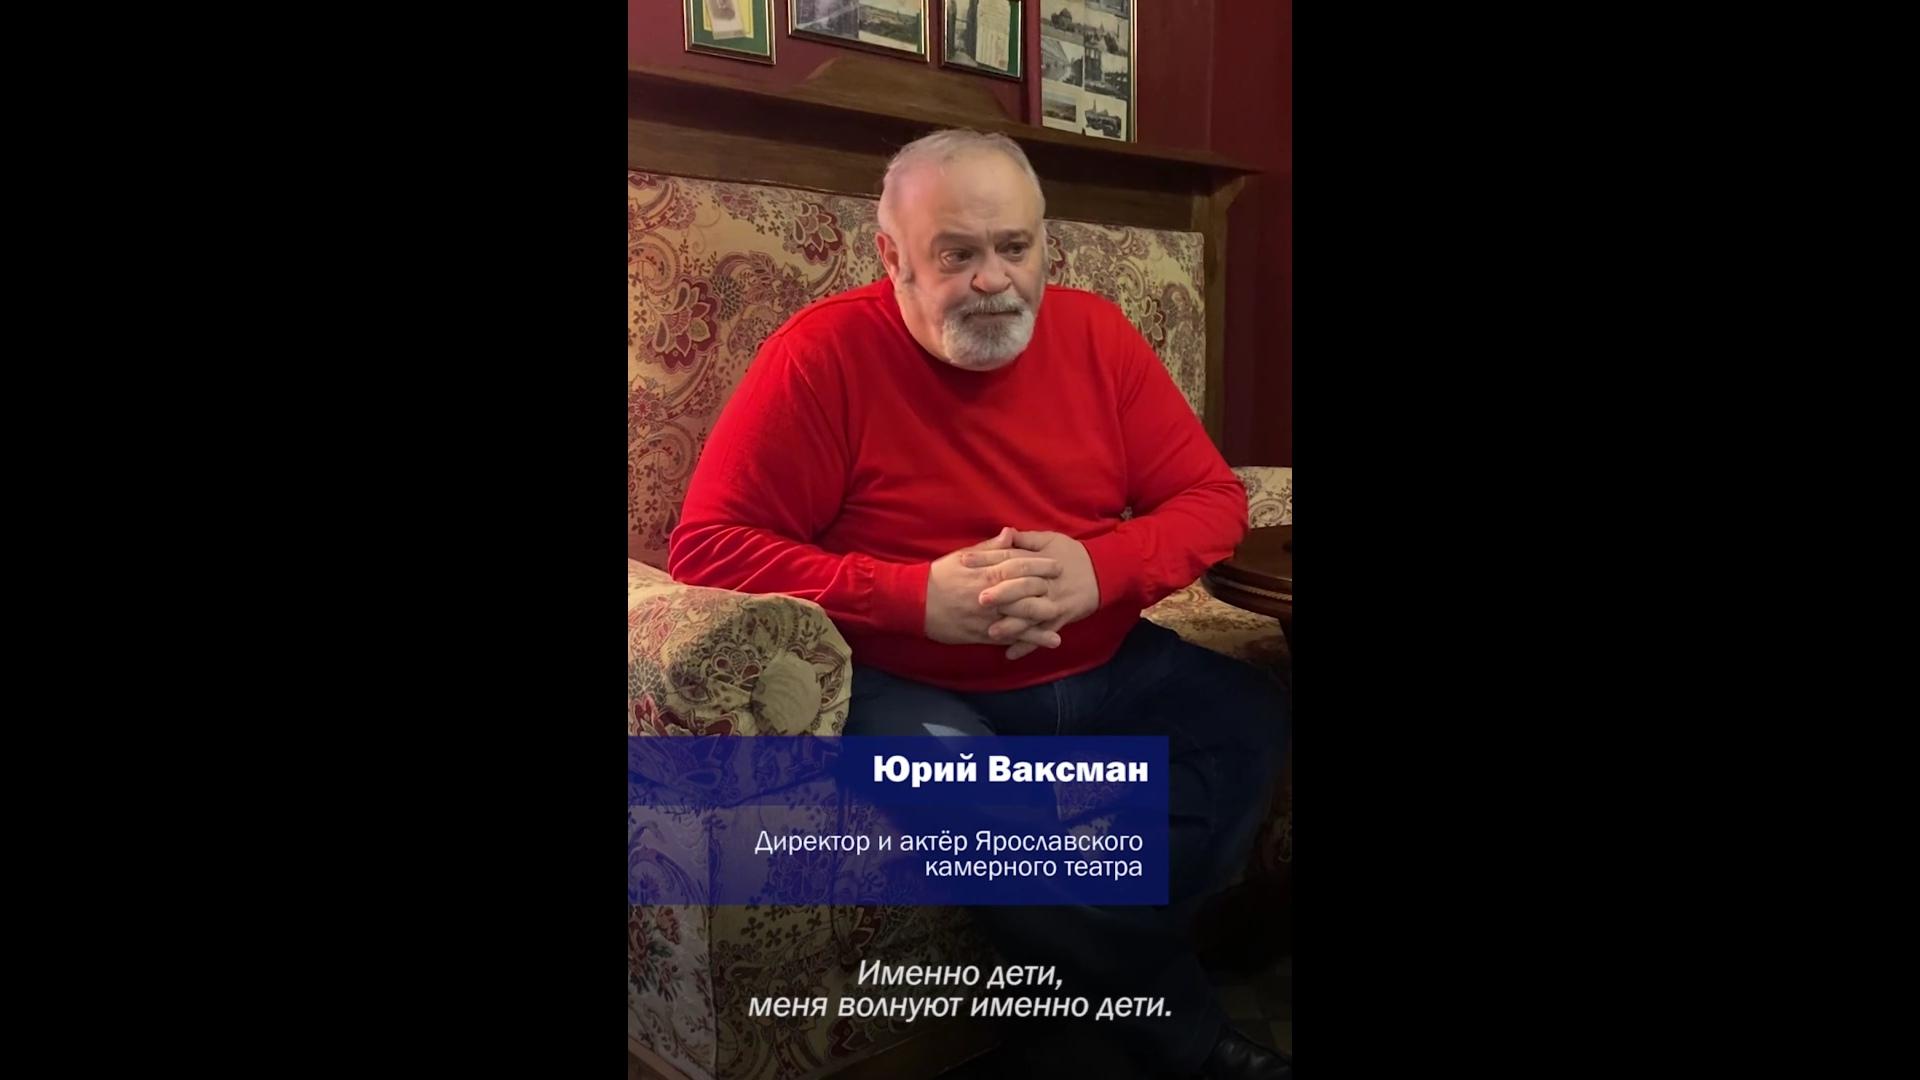 «Есть закон, и придется действовать»: директор Ярославского камерного театра предостерег подростков